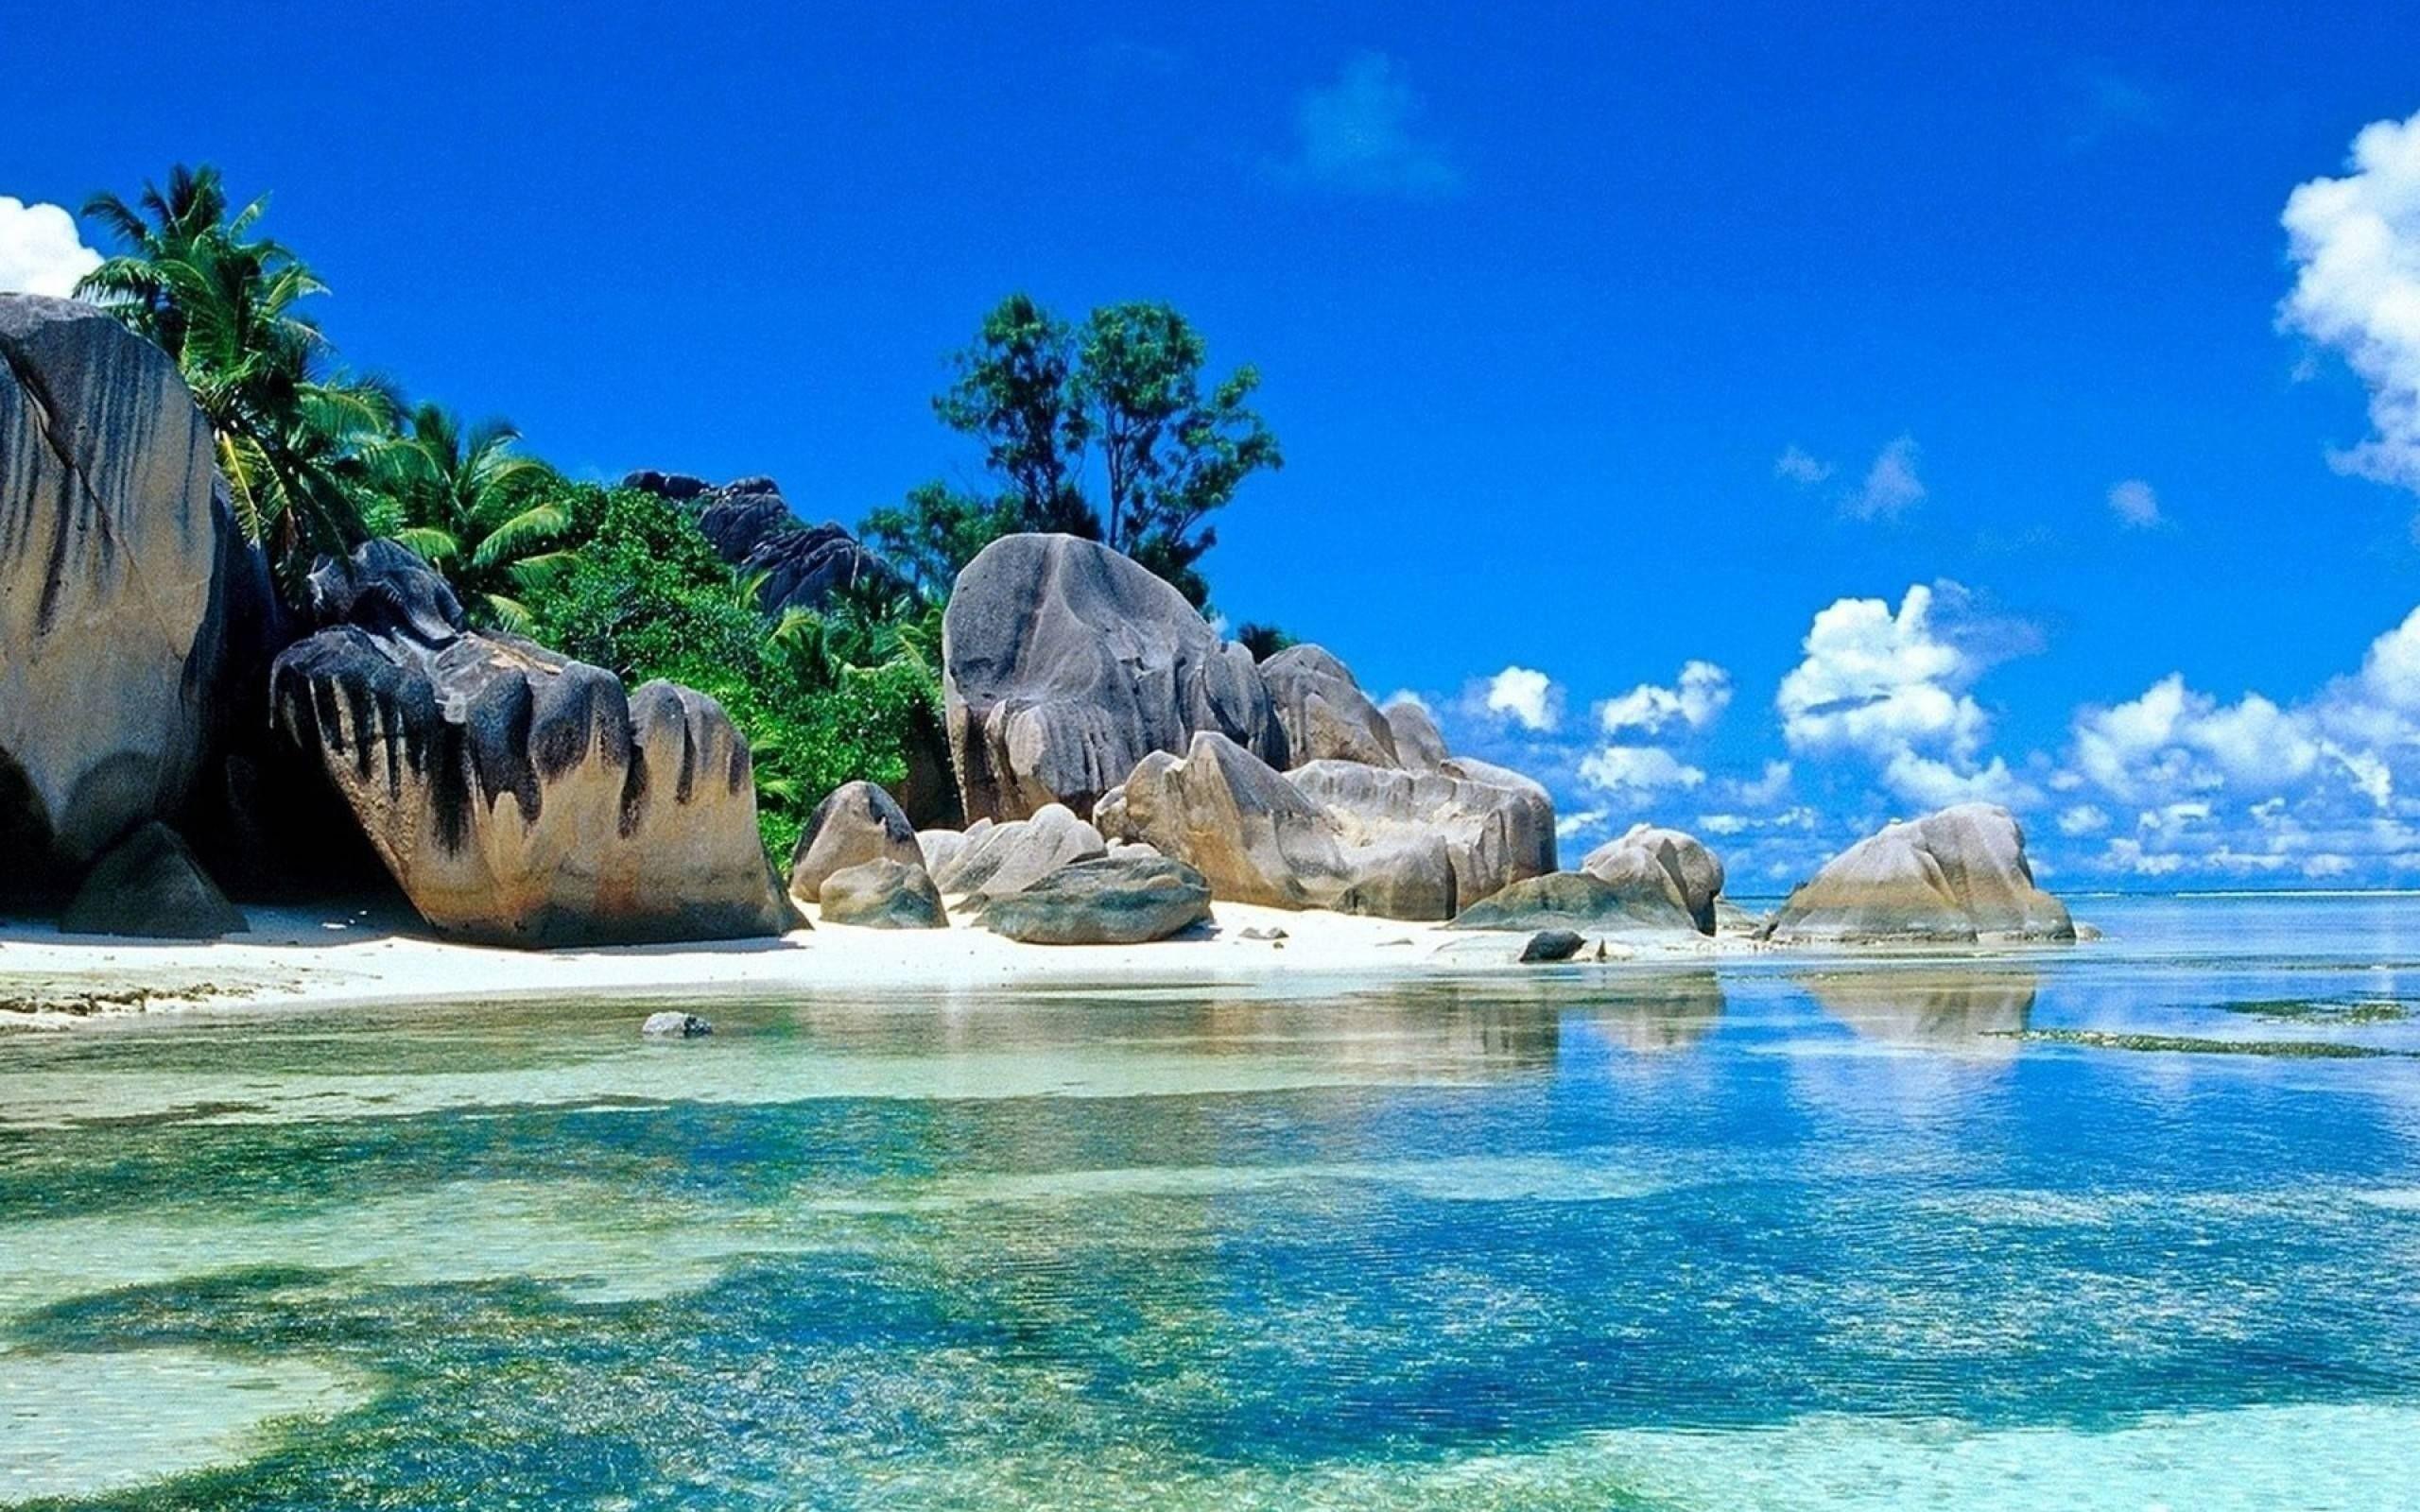 Beach desktop wallpapers top free beach desktop backgrounds wallpaperaccess - Fiji hd wallpaper ...